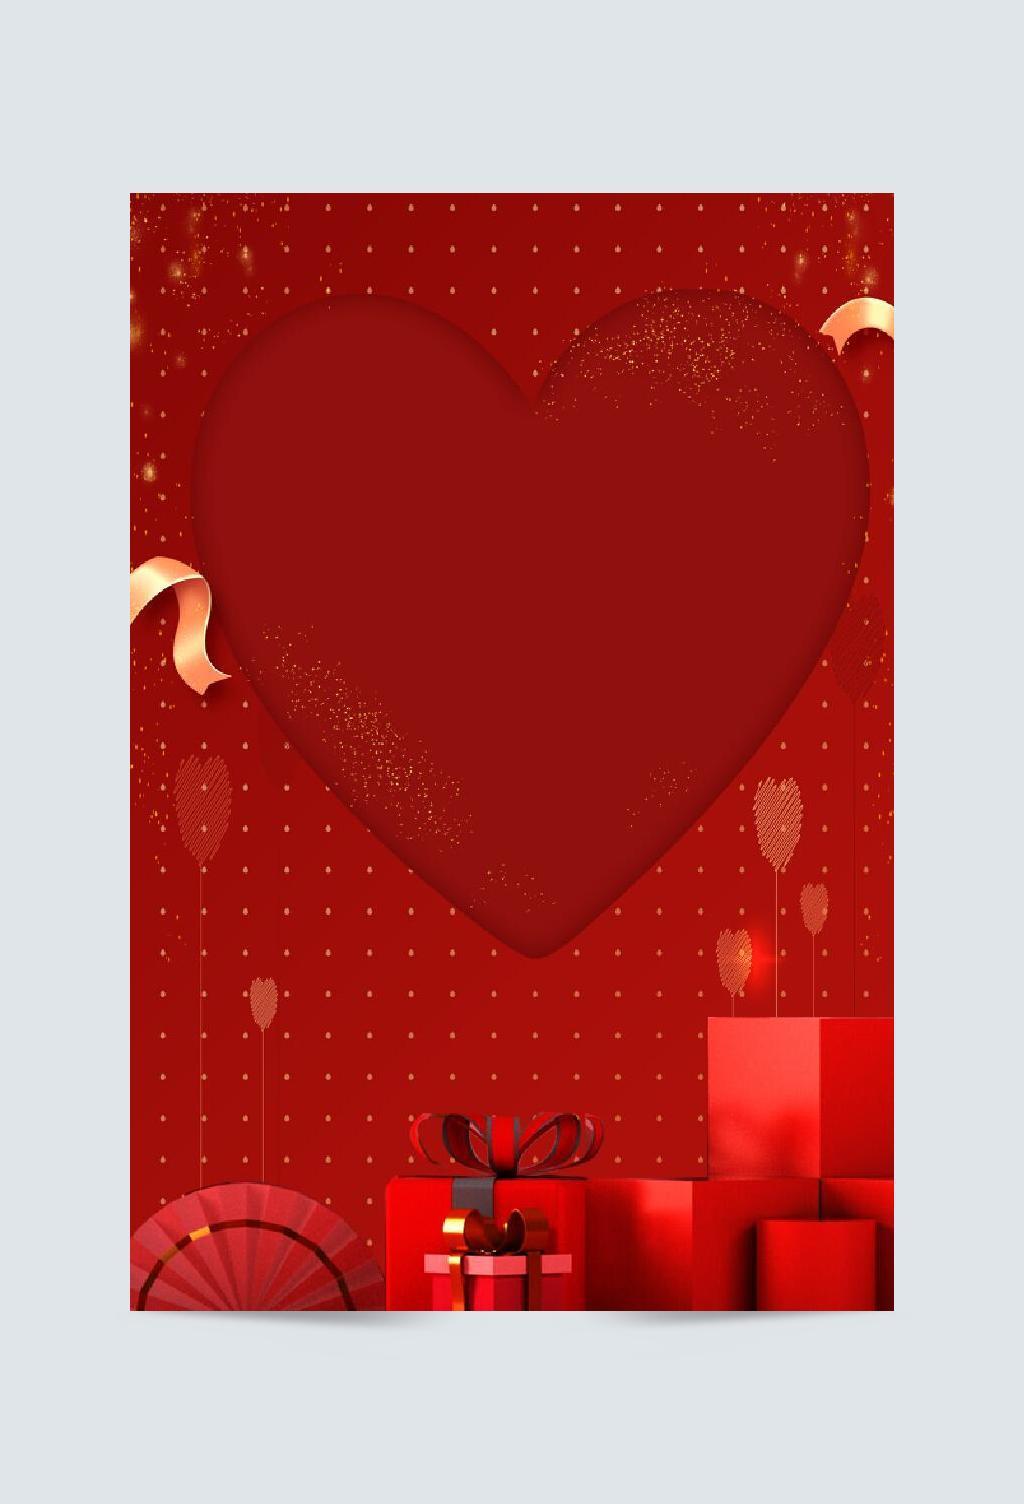 红色喜庆爱心框礼物盒情人节背景素材